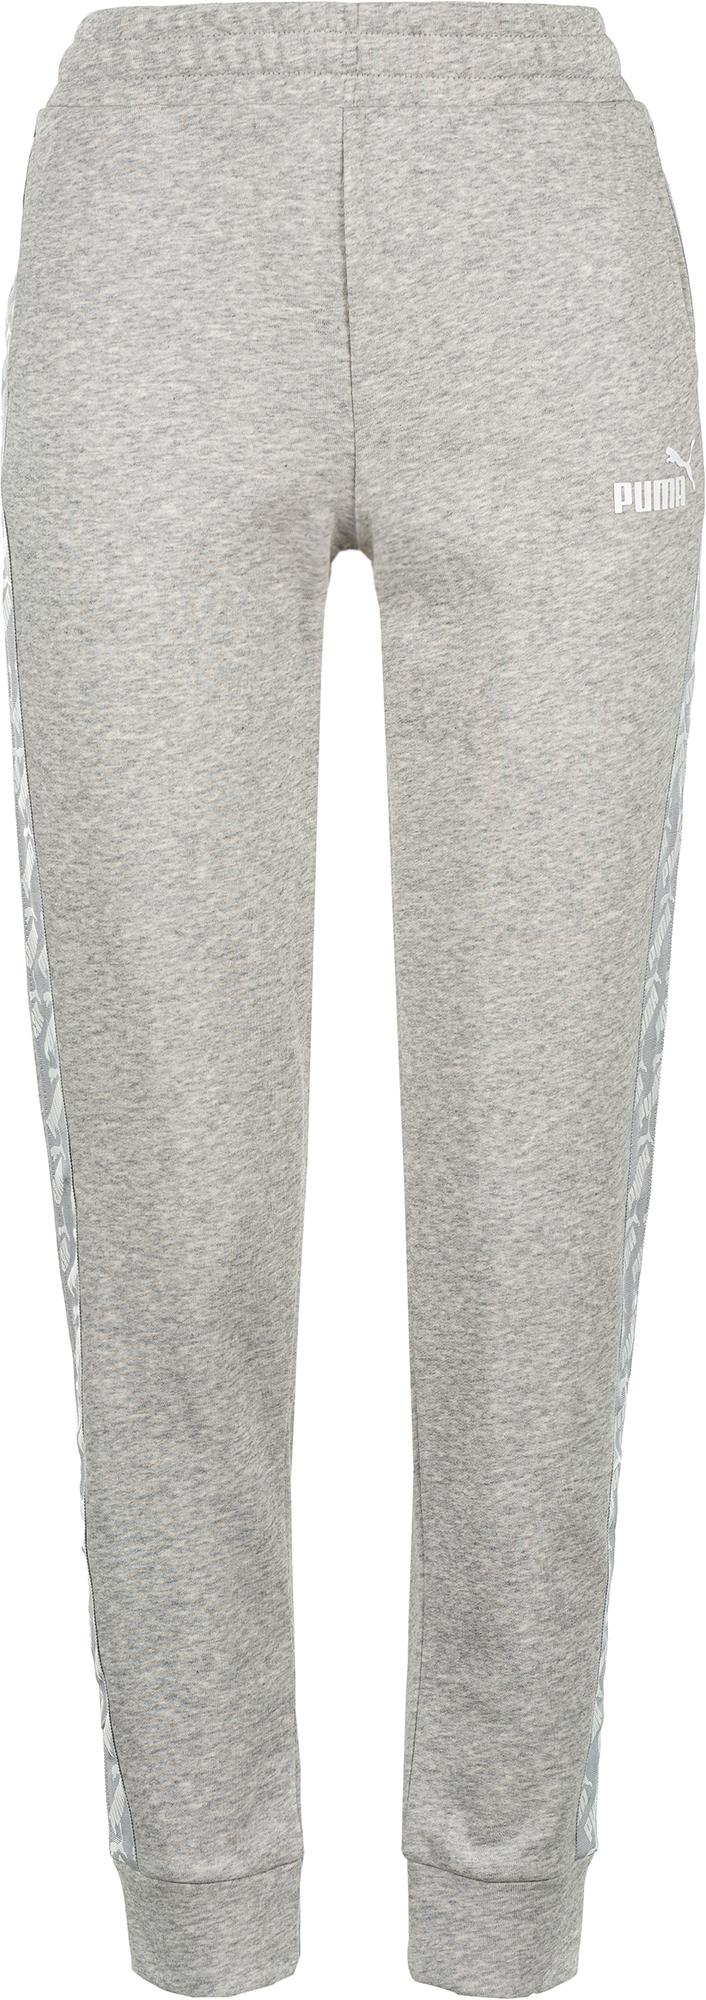 лучшая цена PUMA Брюки женские Puma Amplified Pants TR, размер 46-48